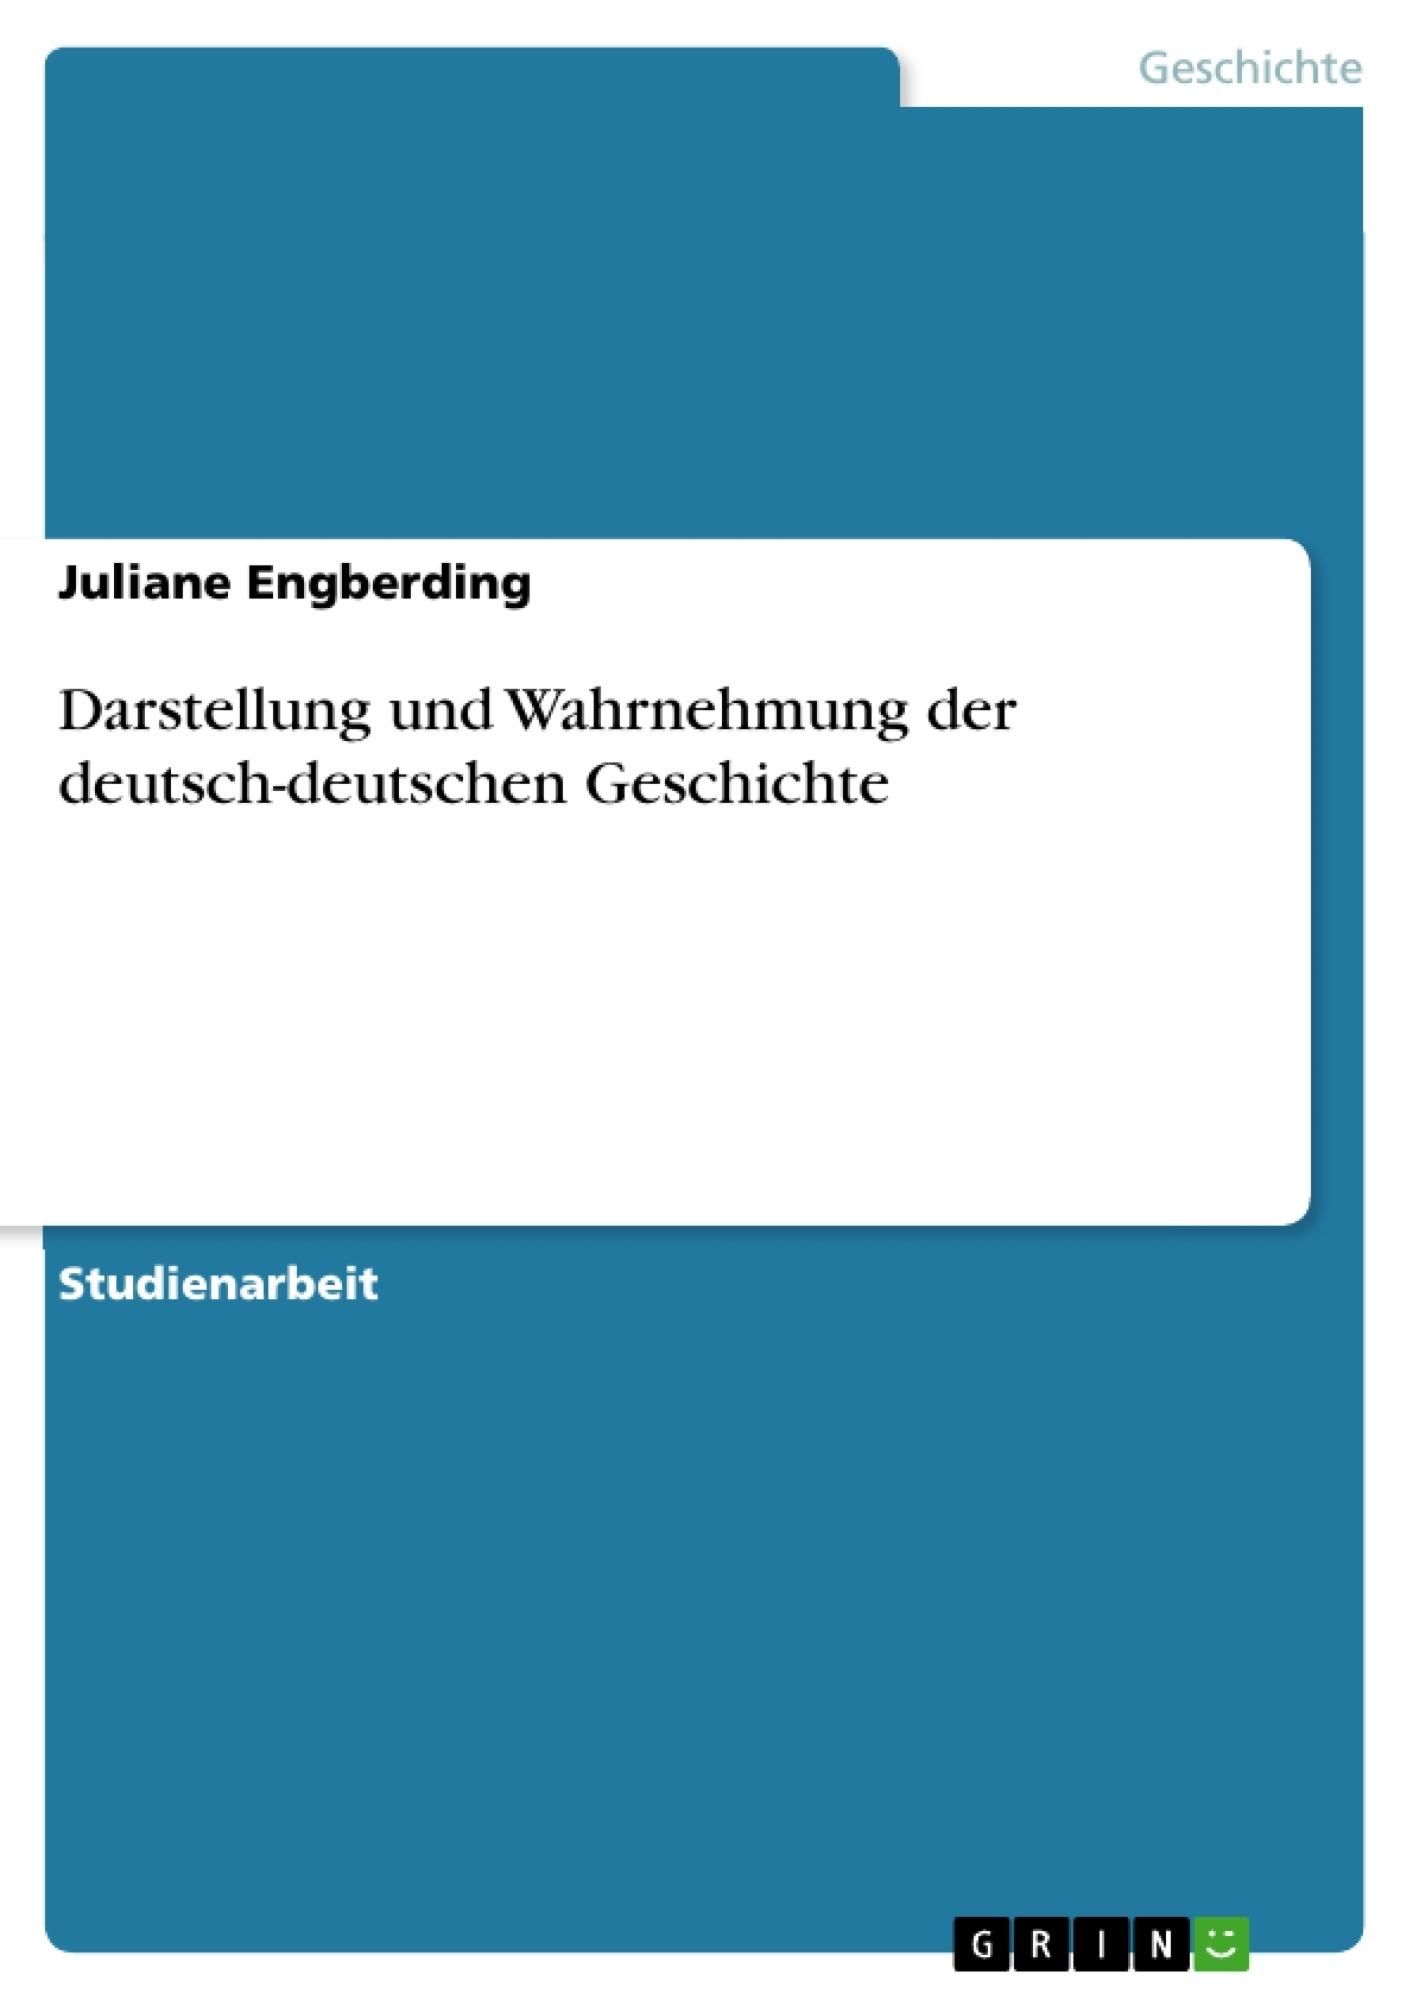 Titel: Darstellung und Wahrnehmung der deutsch-deutschen Geschichte